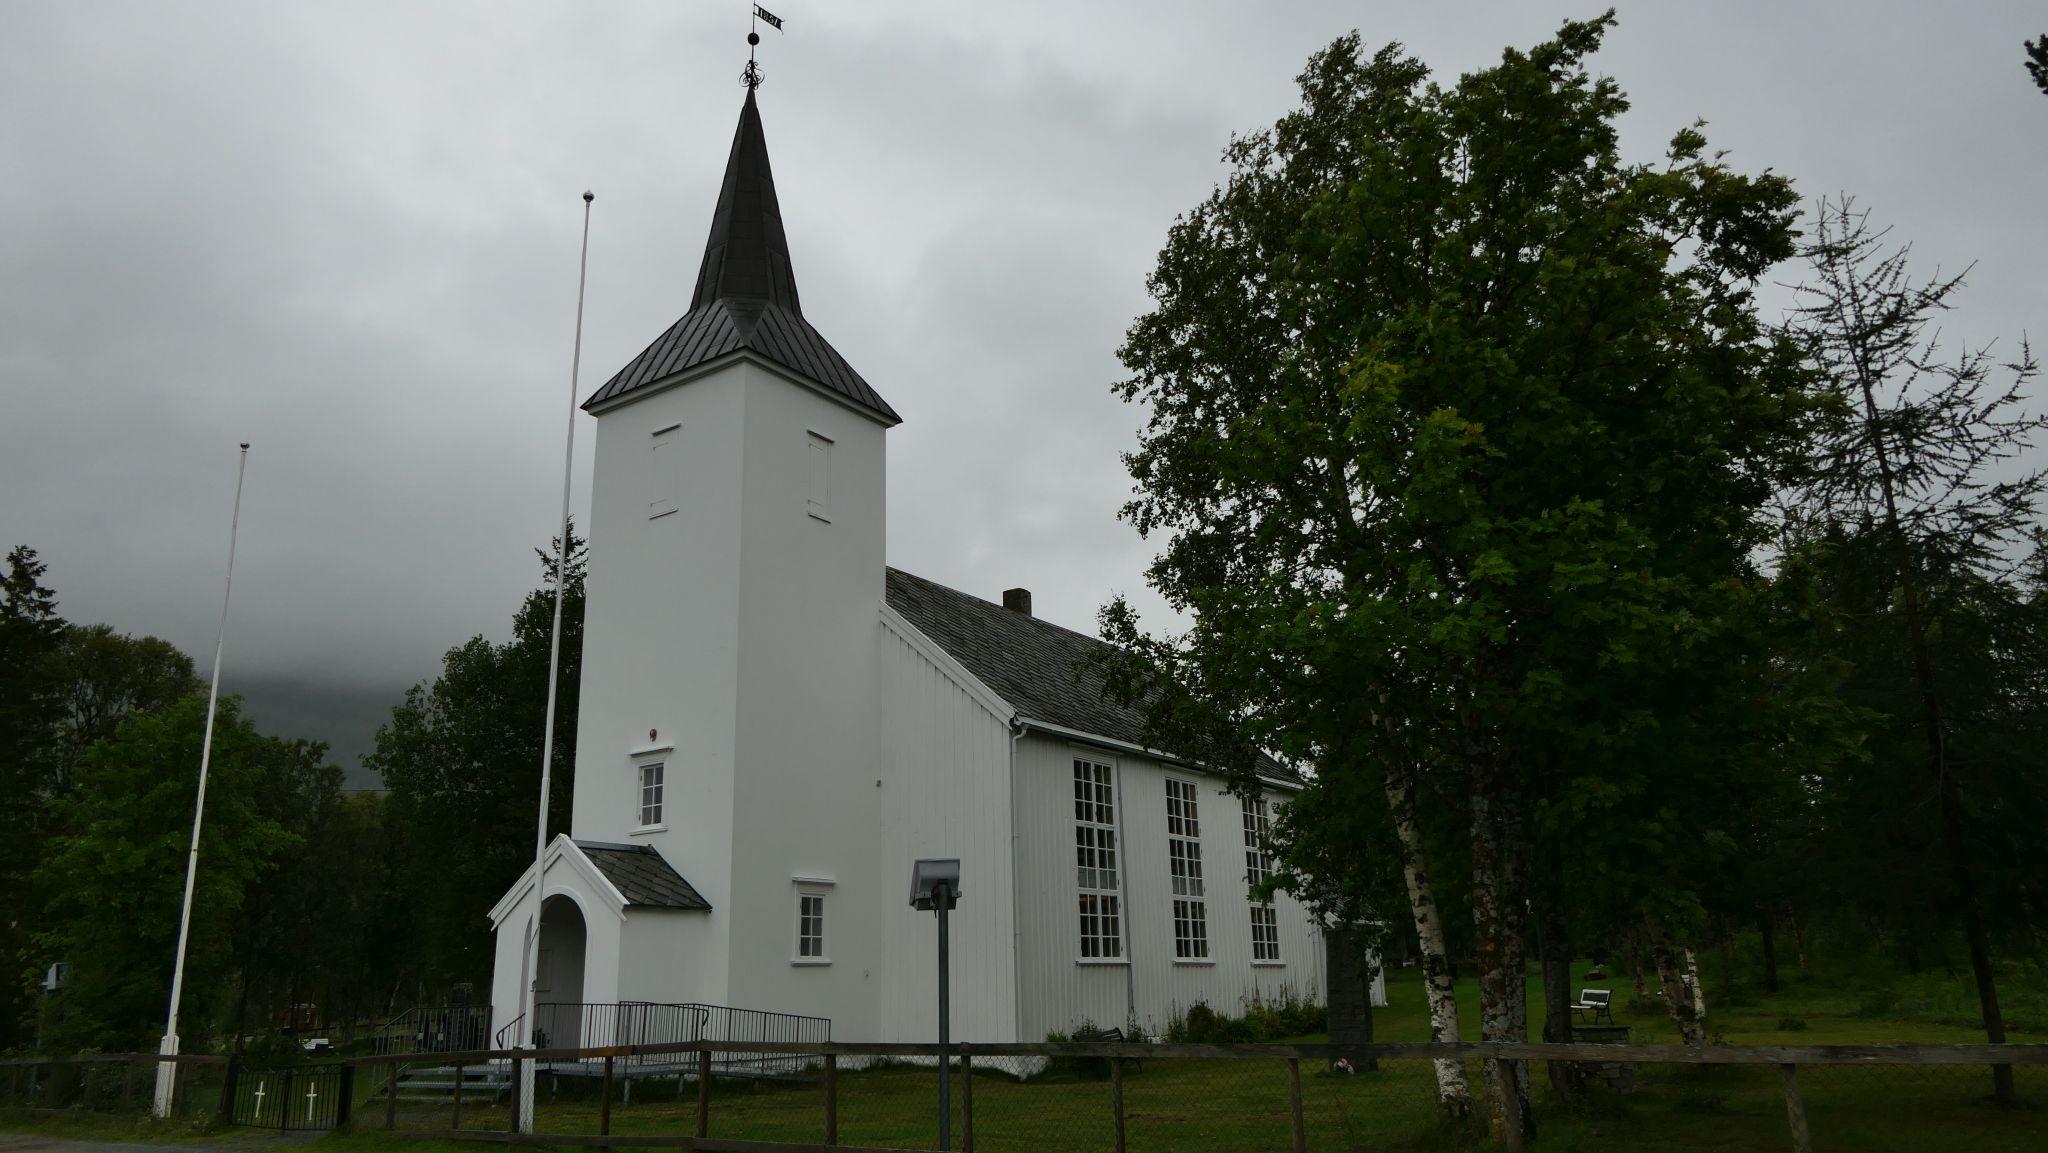 Morthals Kirche